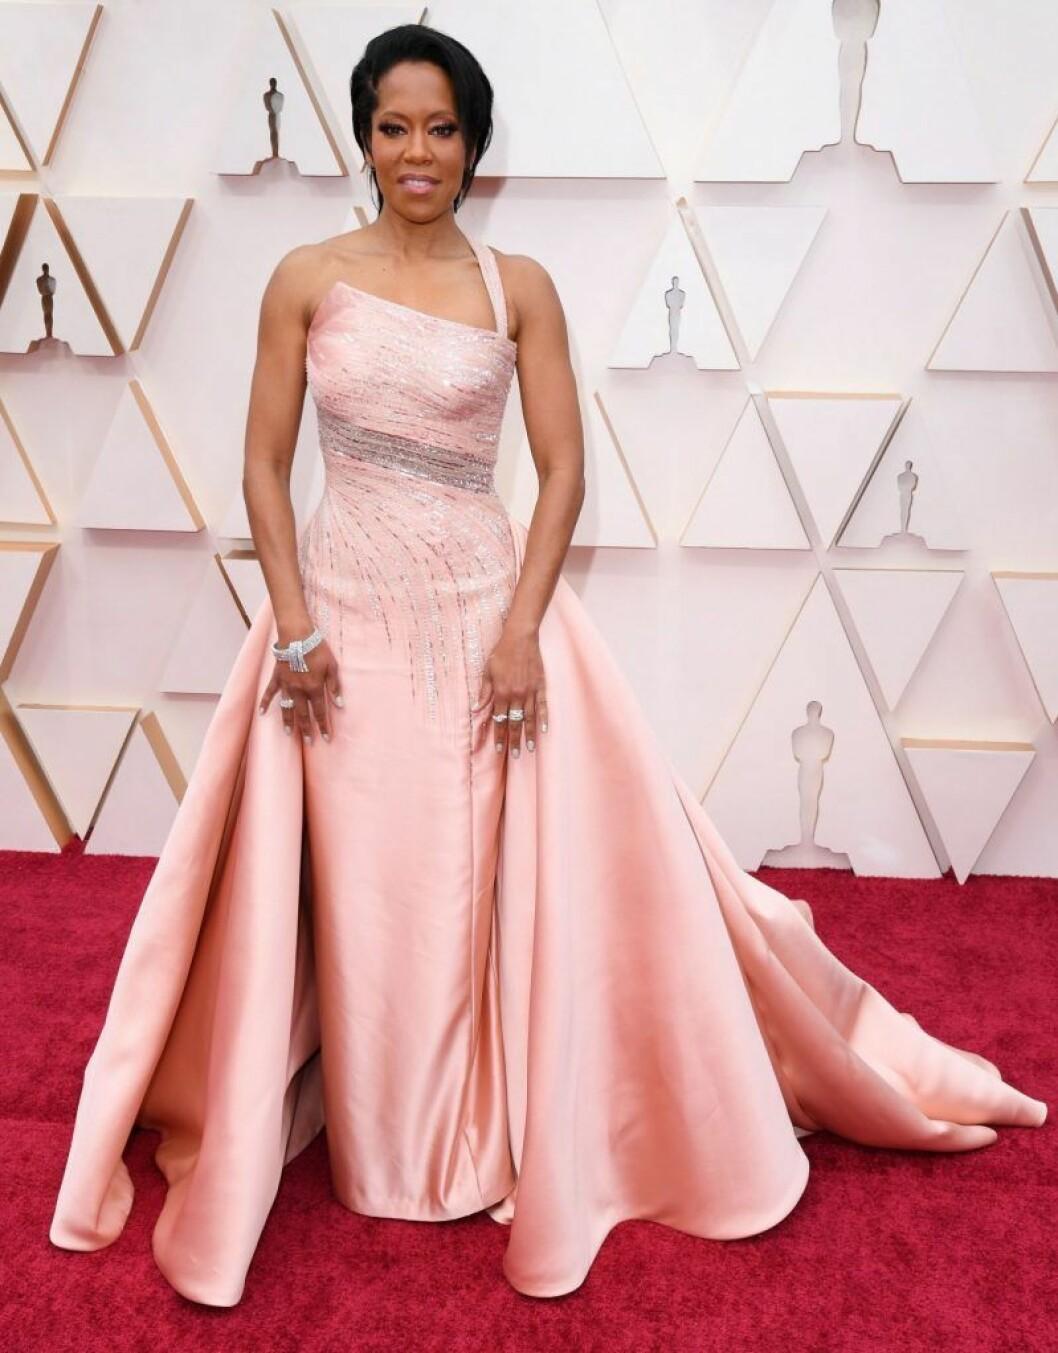 Regina King i rosa klänning på röda mattan